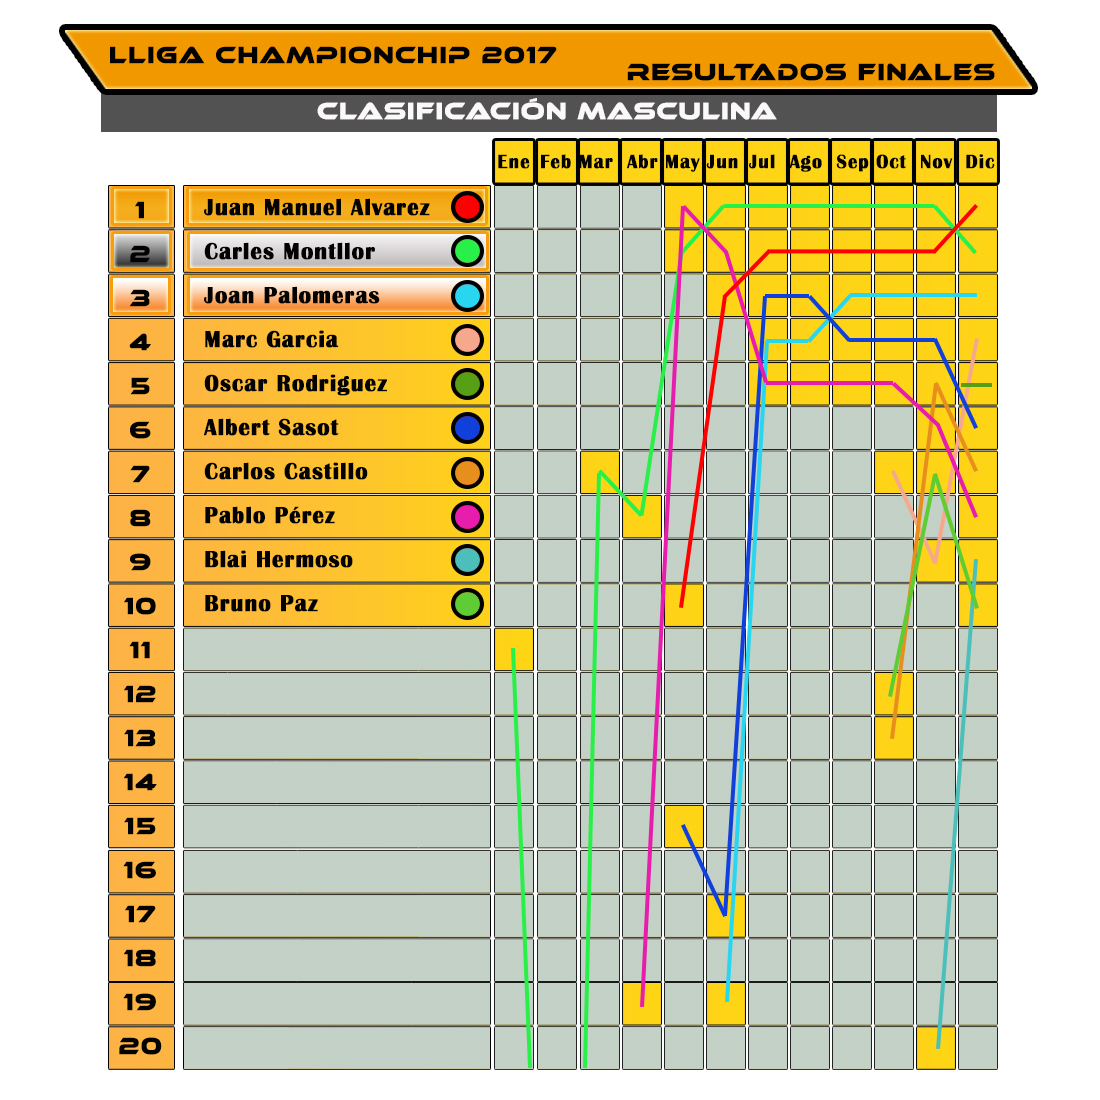 Evolución Clasificación Masculina - Lliga Championchip 2017